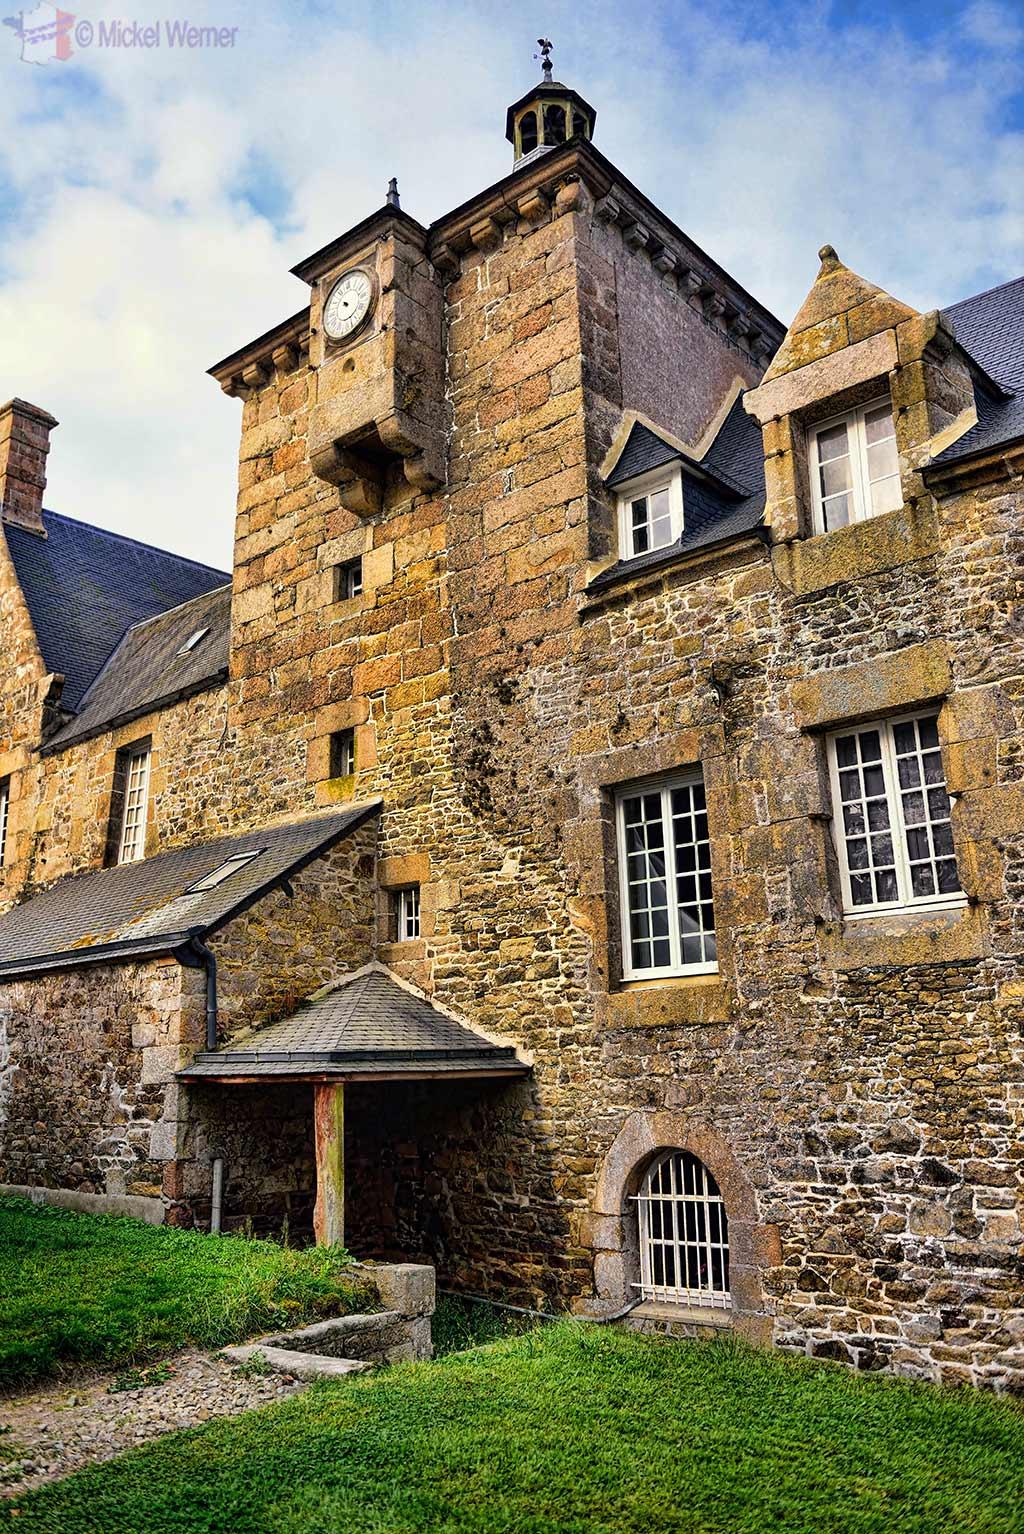 Chateau de Kerduel in Pleumeur-Bodou, Brittany